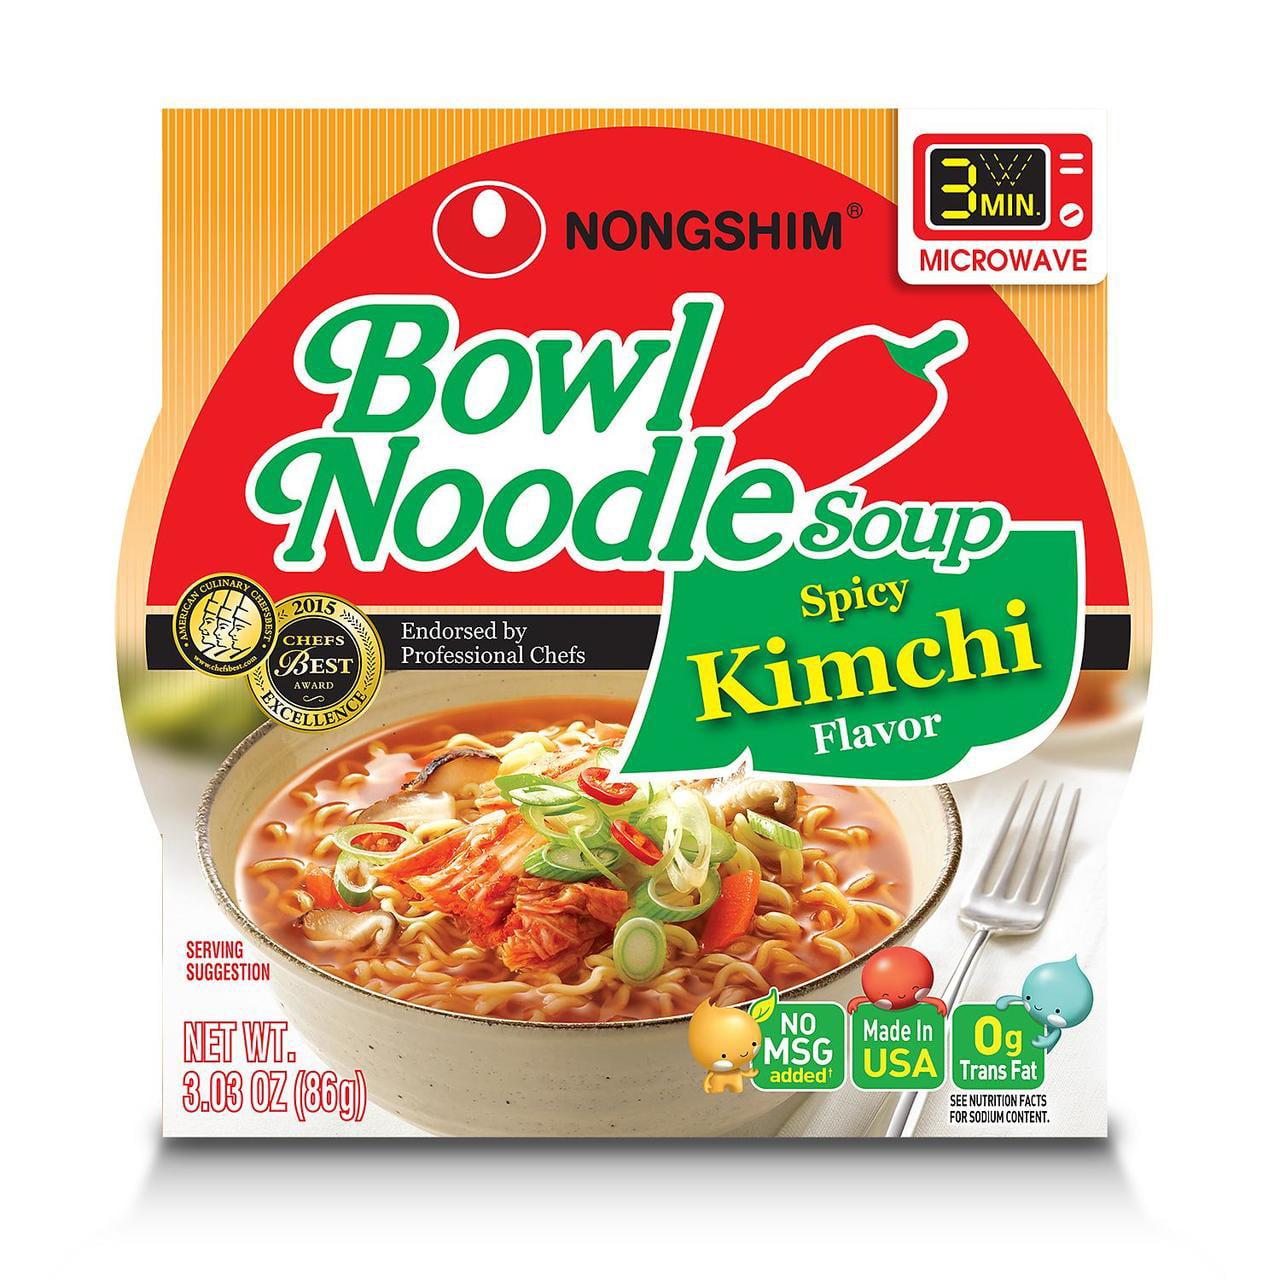 Nongshim Kimchi Bowl Noodle Soup (3.03 oz., 18 ct.) -Pack of 2